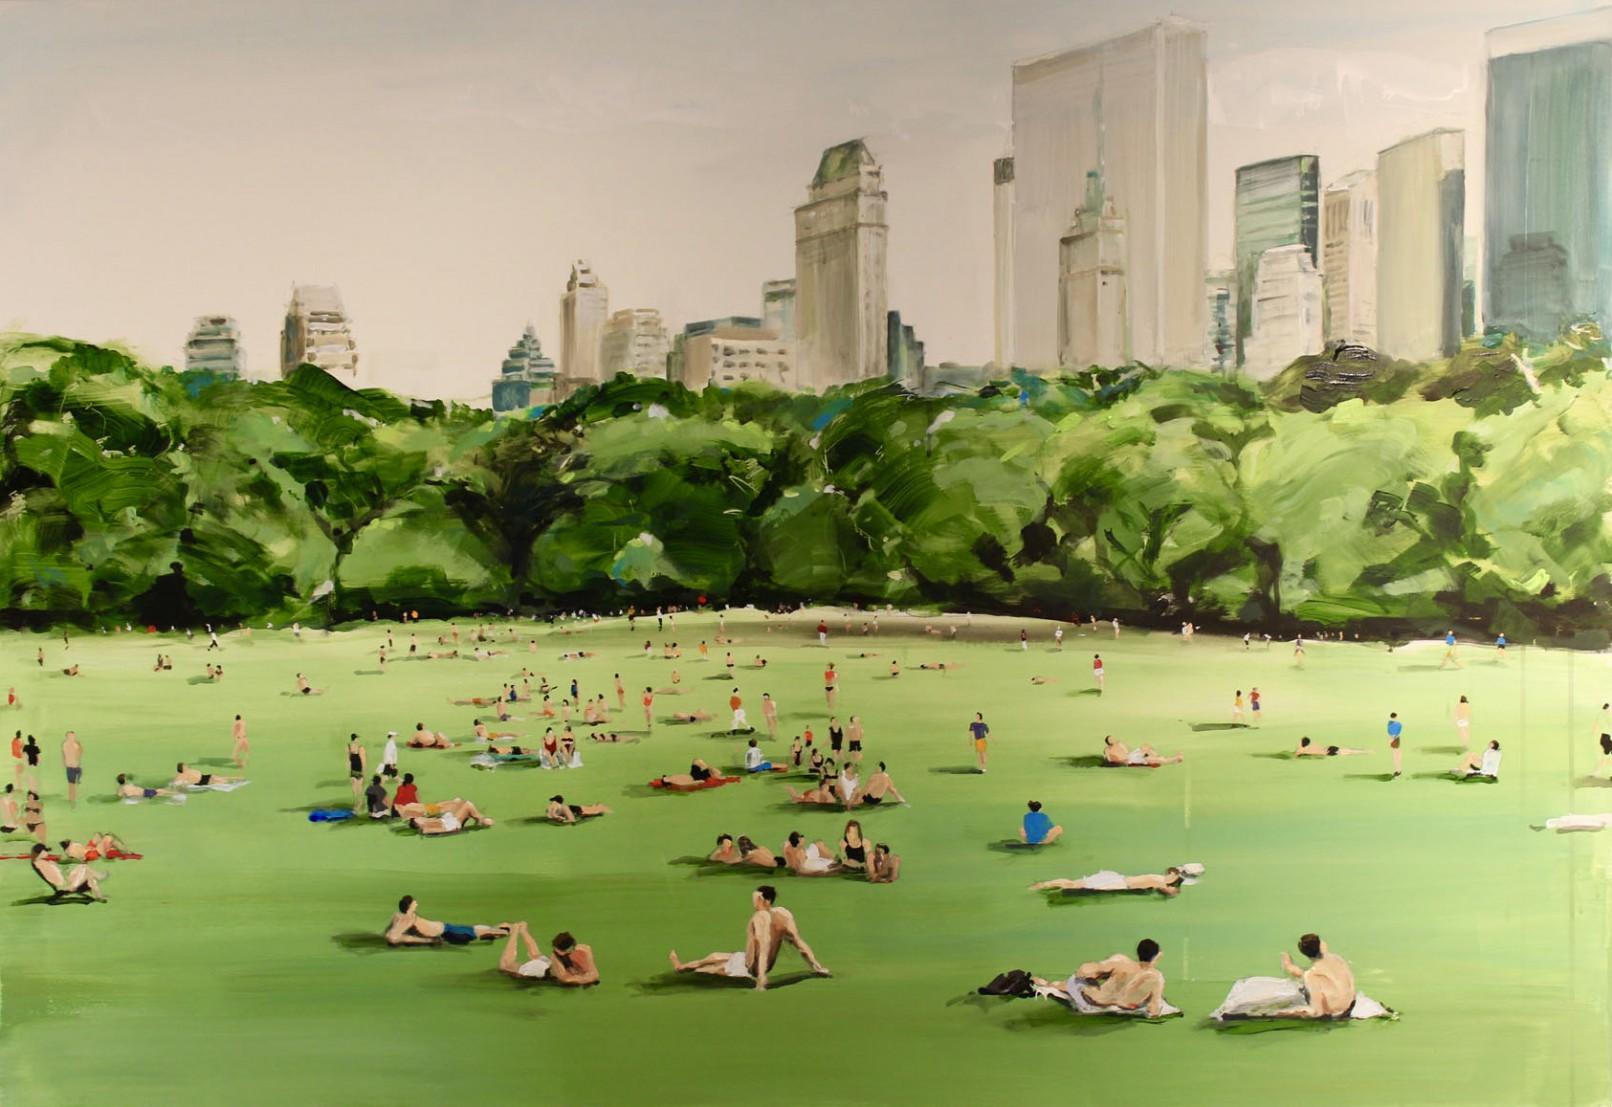 Everyday Scenes Painted by Sanja Milenkovic